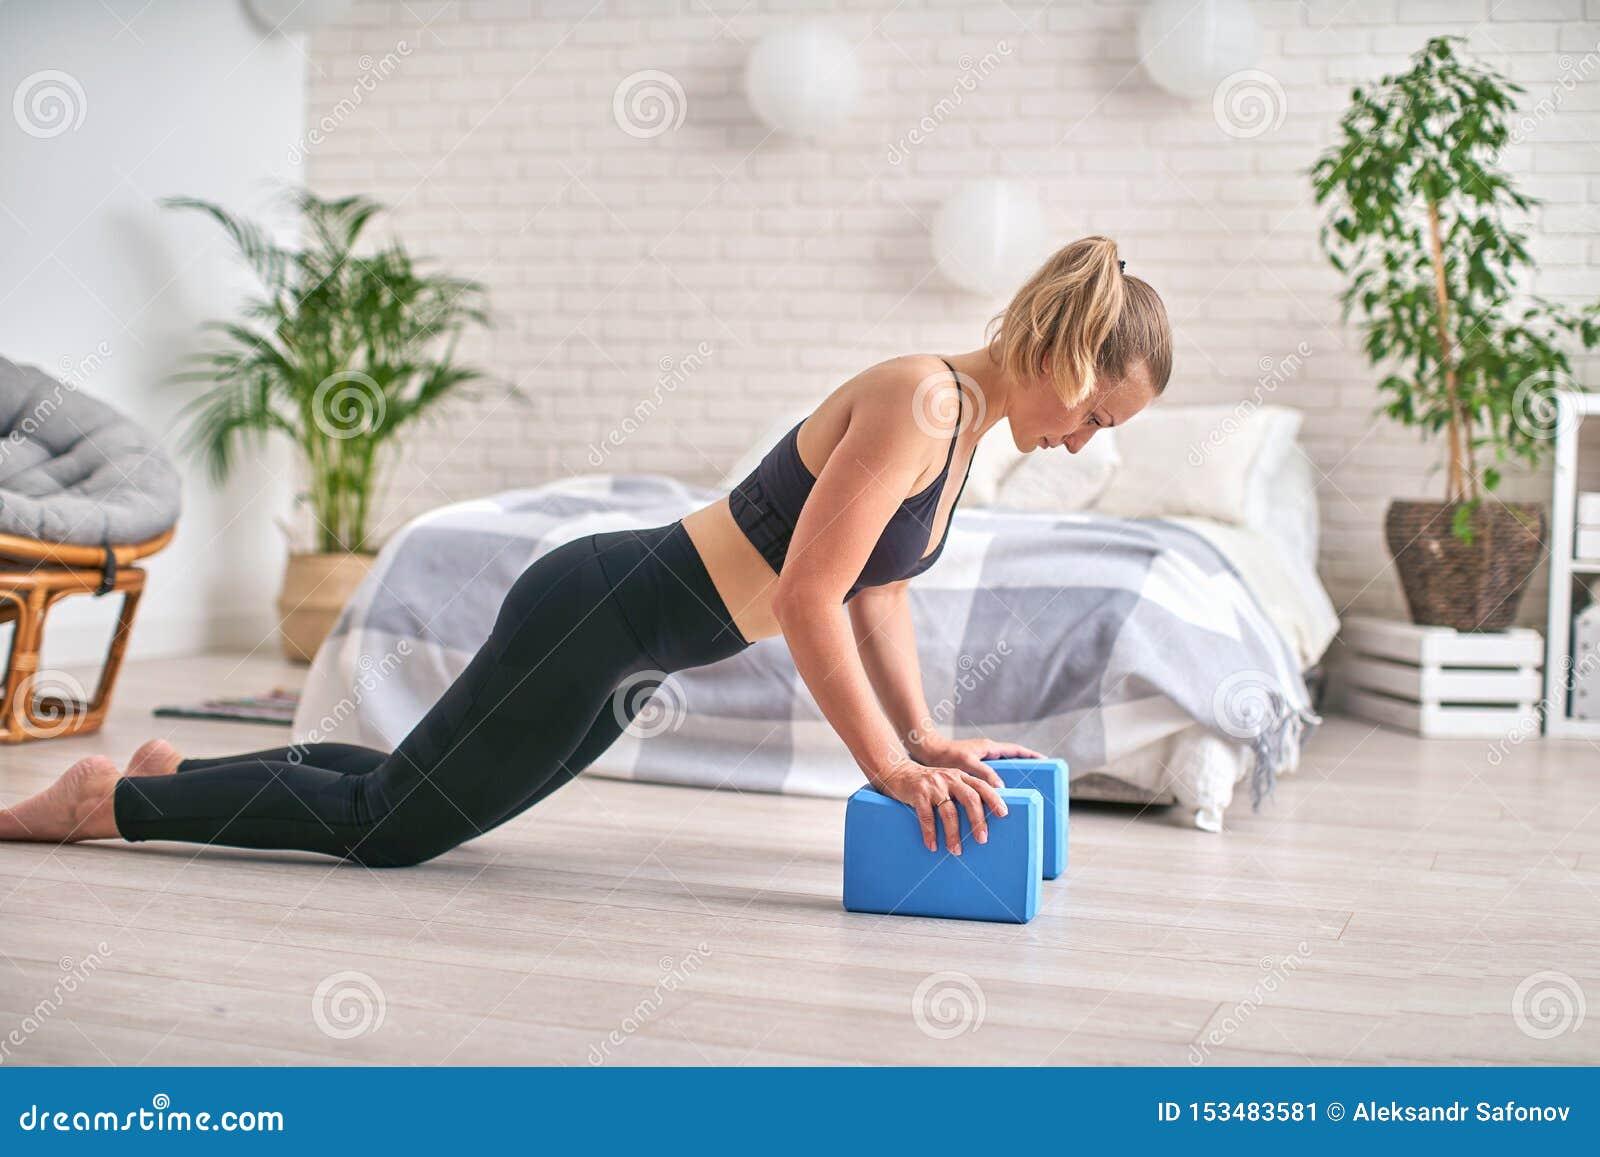 Perfil da vista lateral do atleta bem-dado forma Est? ficando na prancha e est? usando blocos da ioga para os pulsos